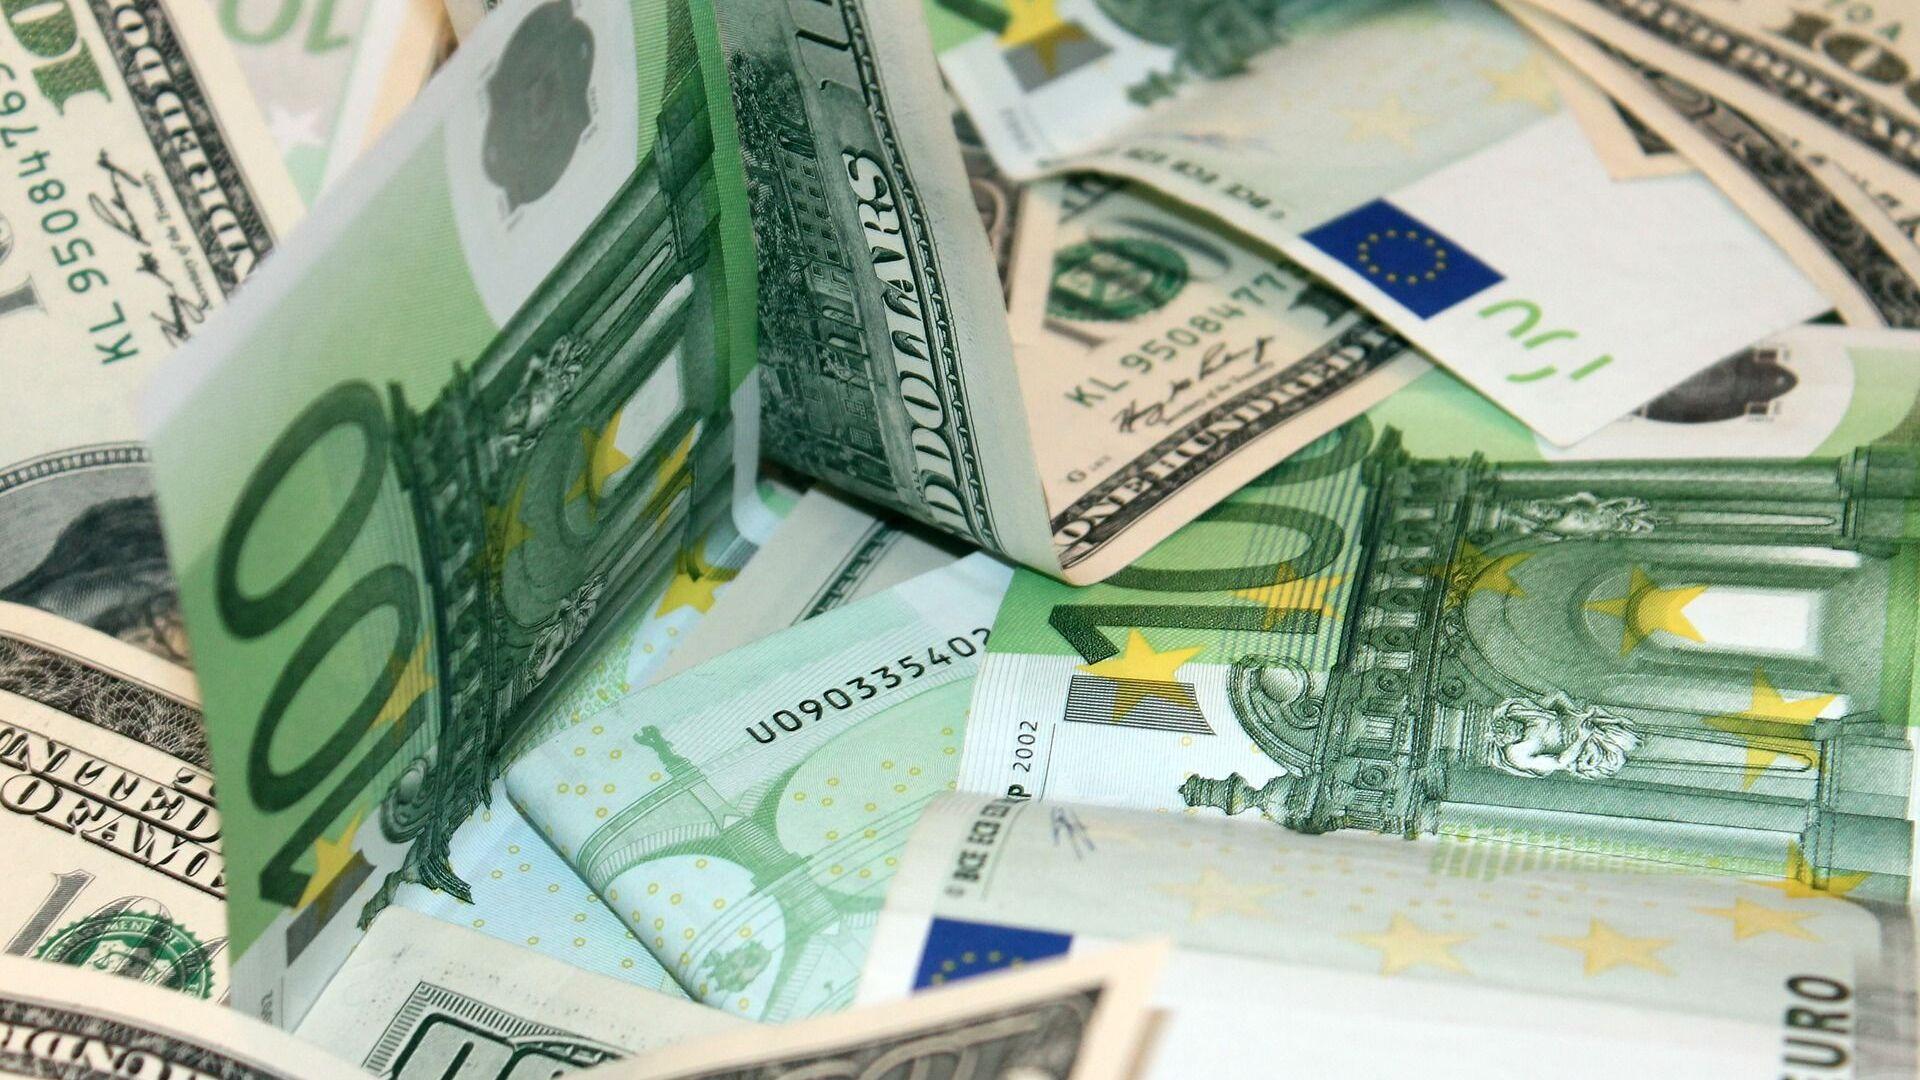 Доллары и евро - Sputnik Беларусь, 1920, 18.09.2021